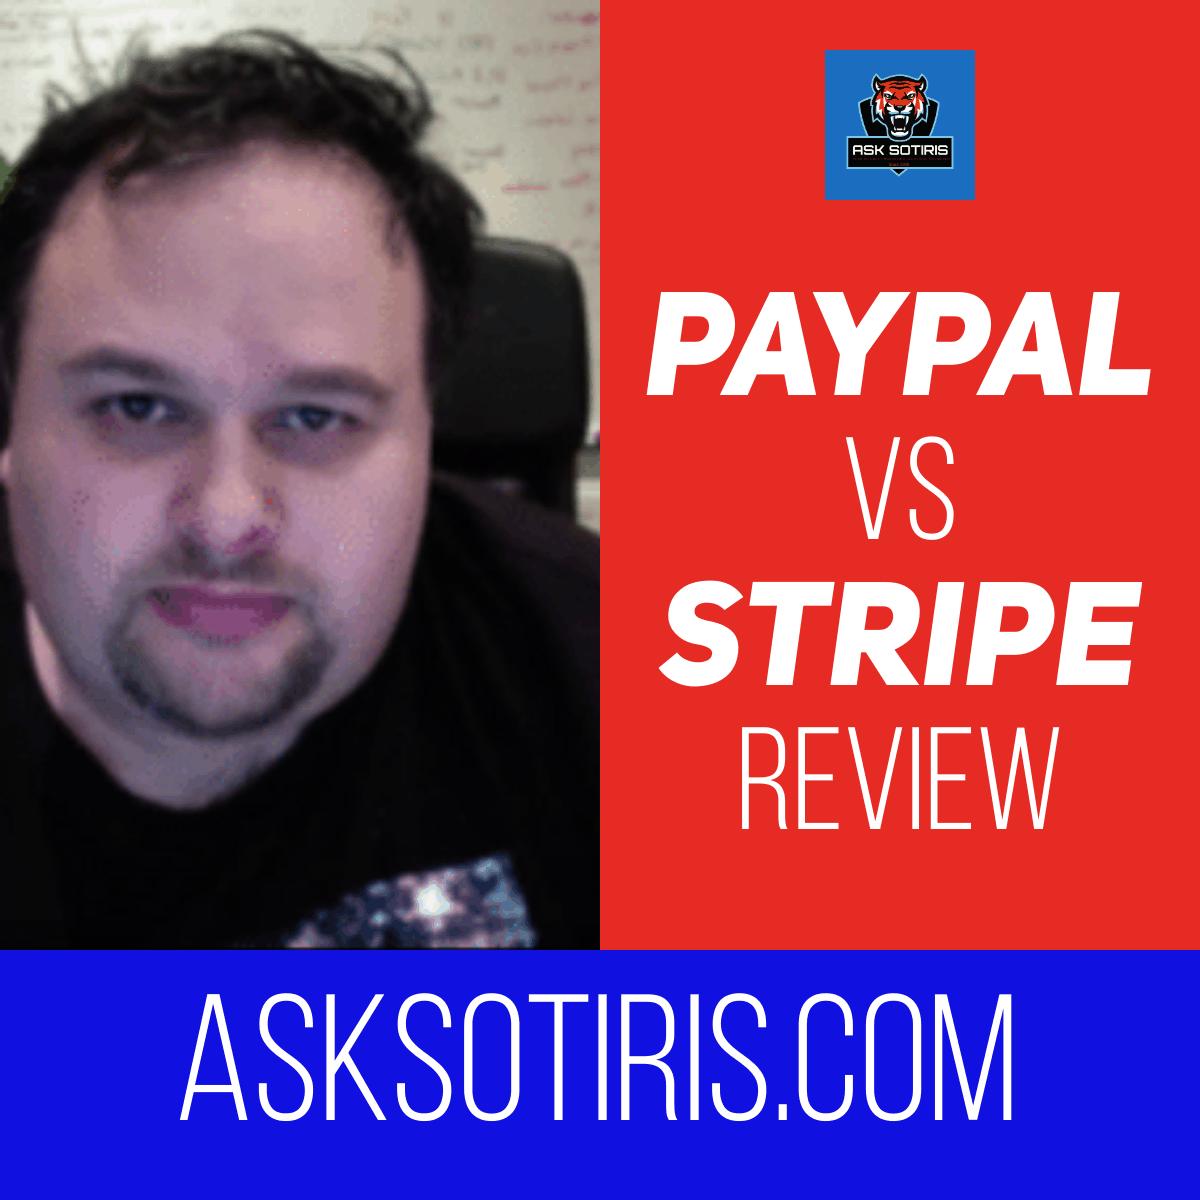 Paypal VS Stripe Review